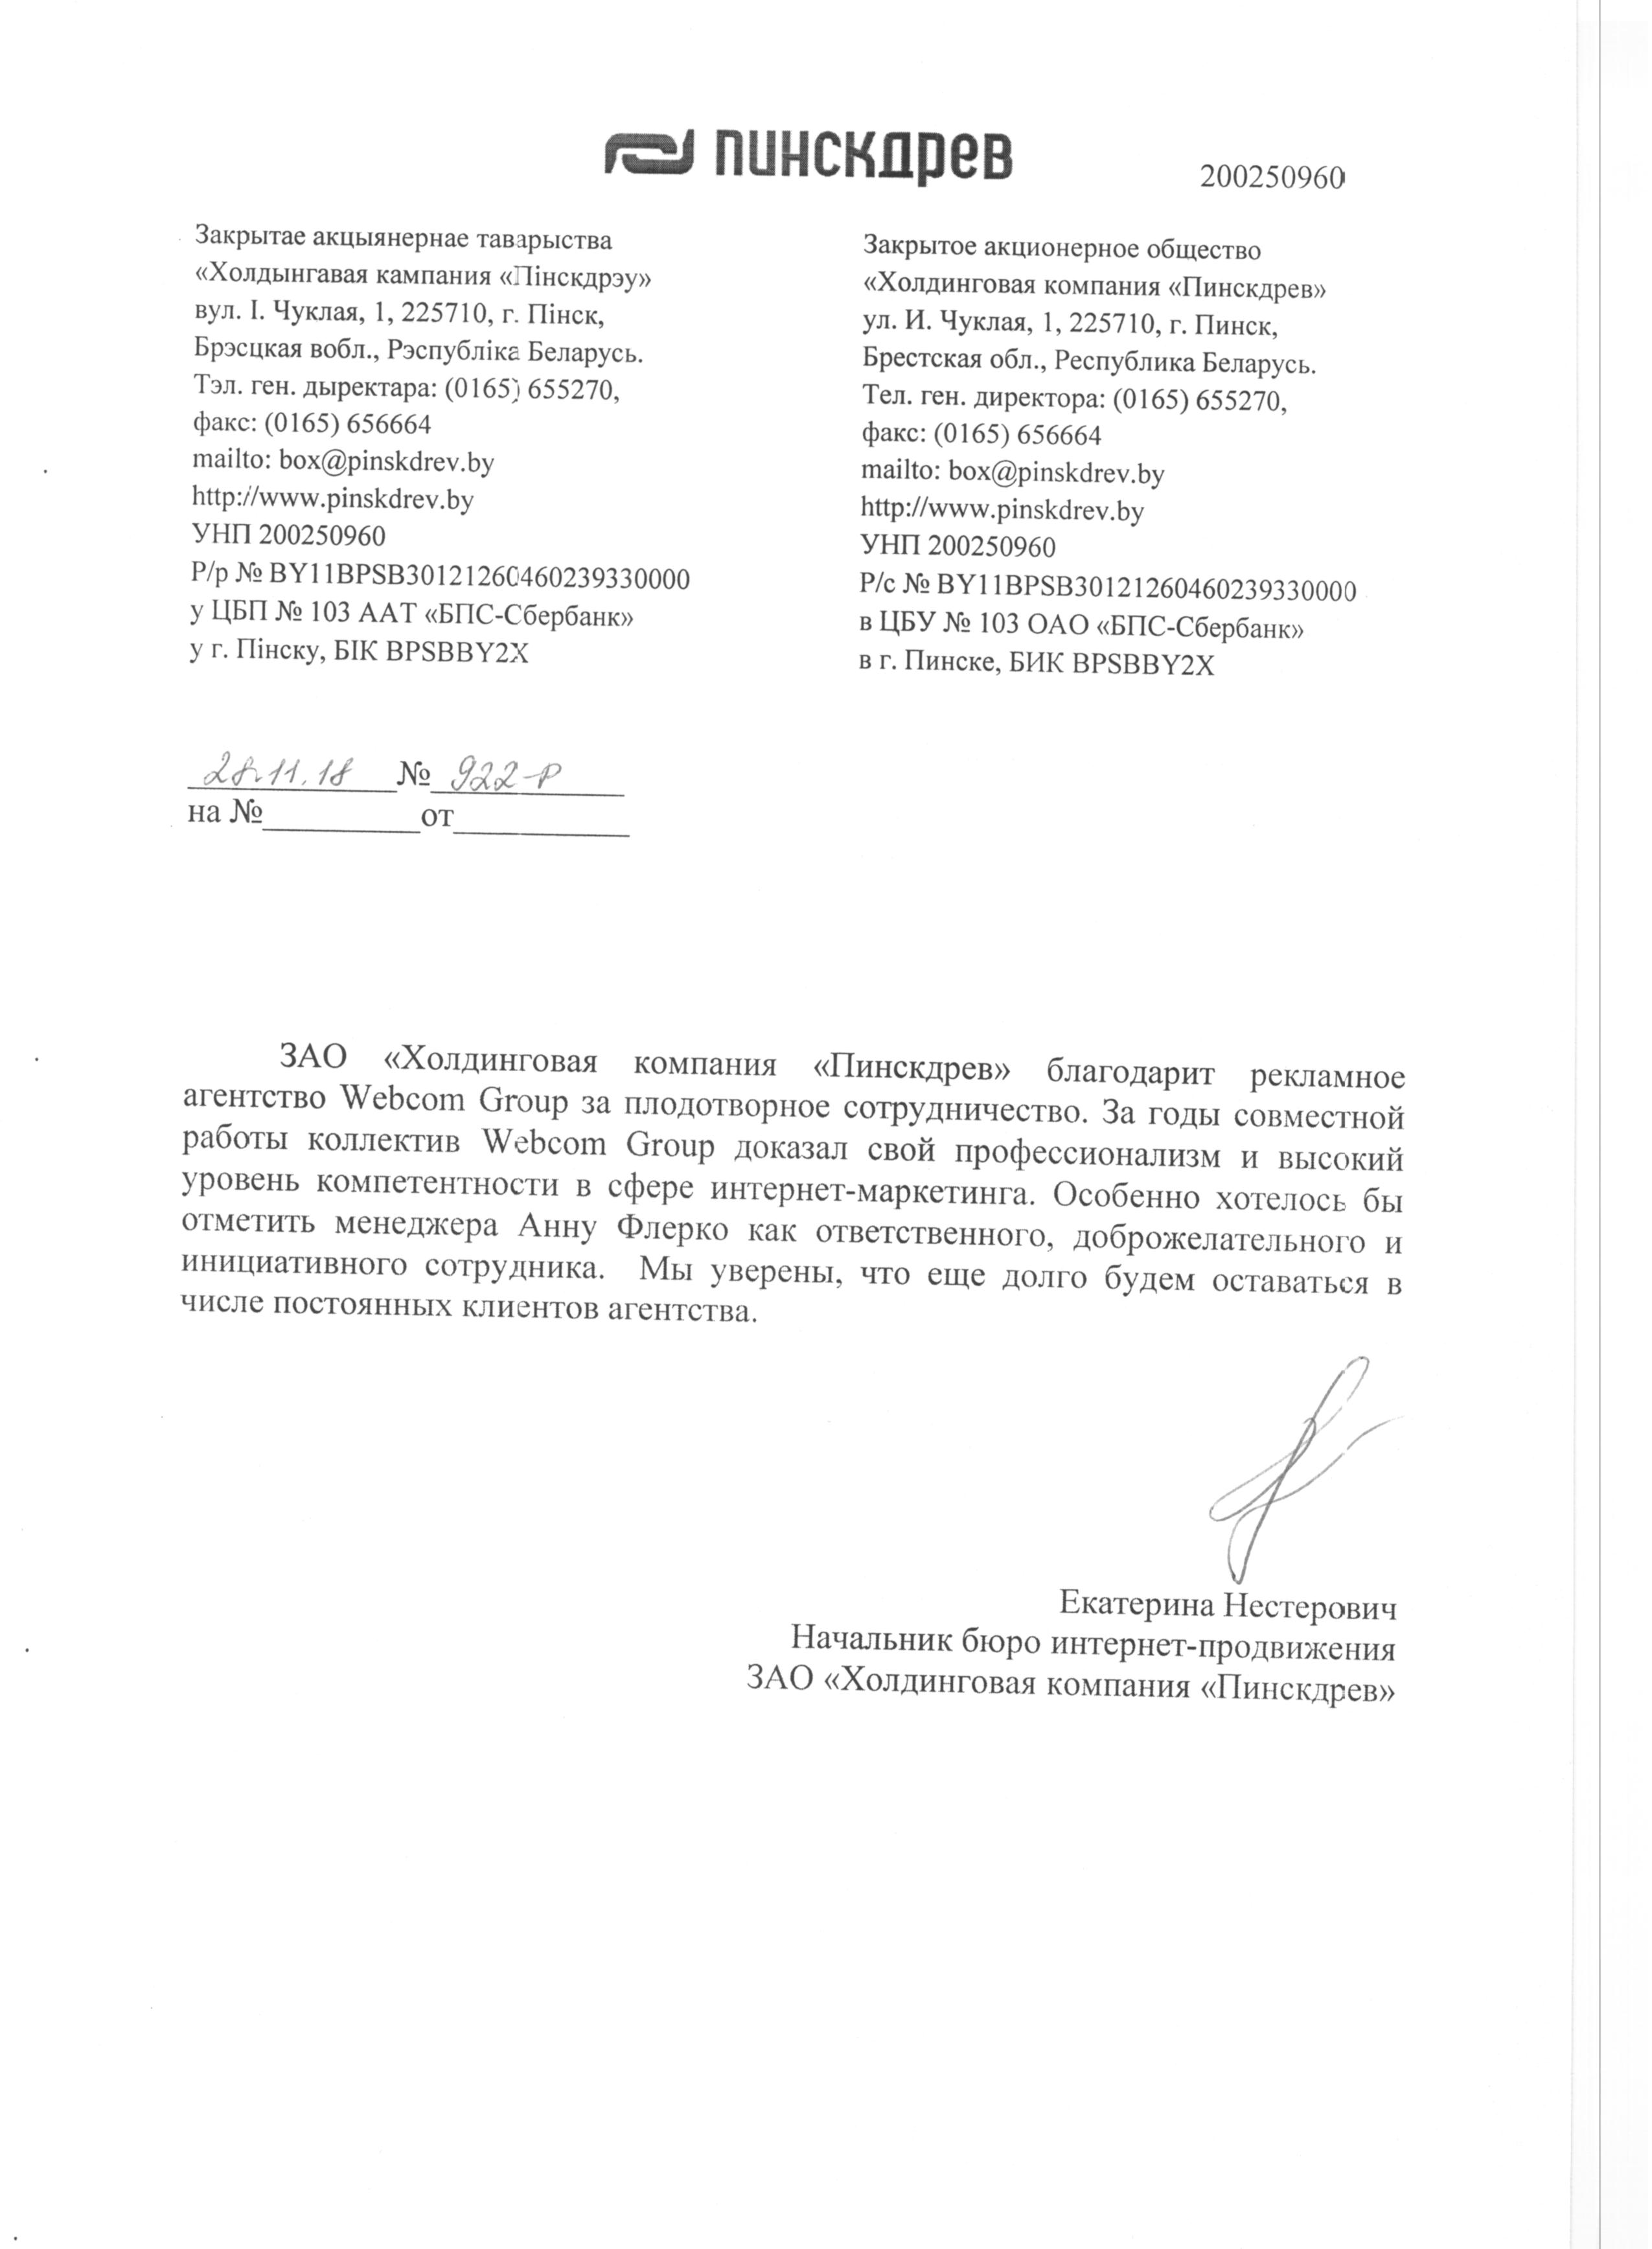 Начальник бюро интернет-продвижения ЗАО «Холдинговая компания « Пинскдрев»